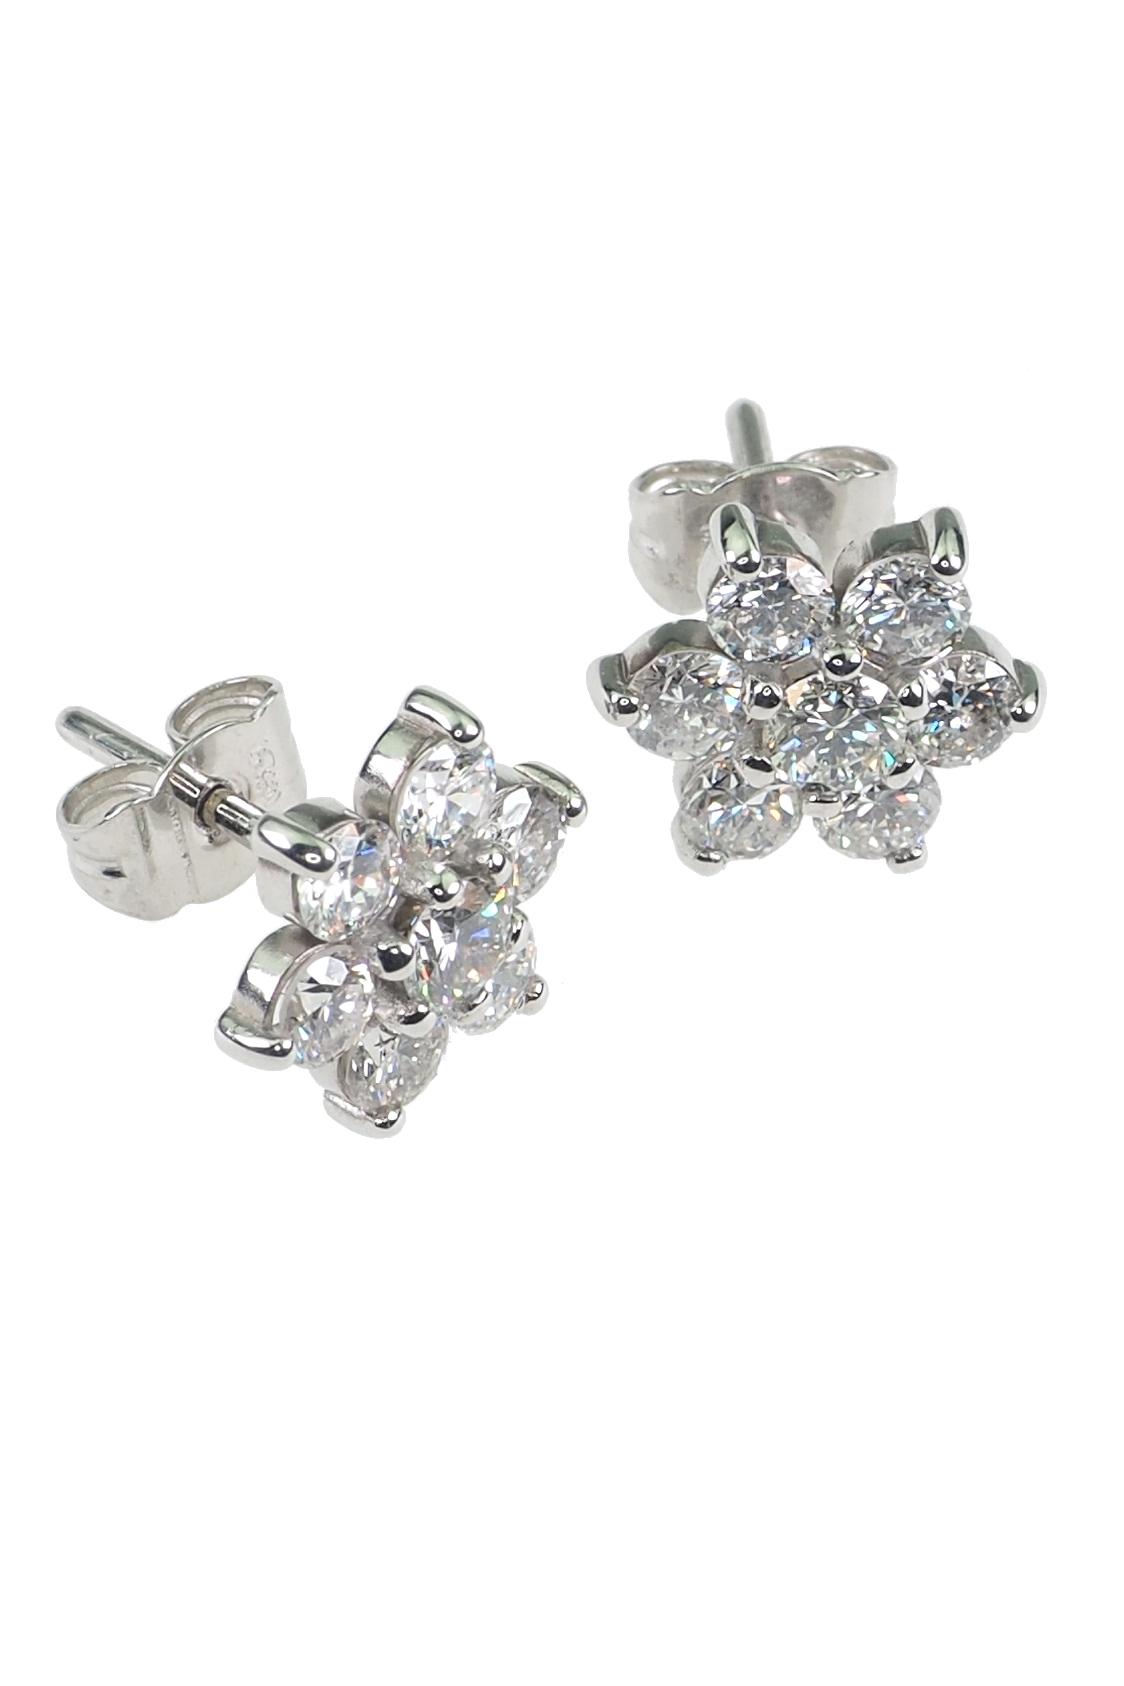 zertifizierter-Diamantschmuck-0281a